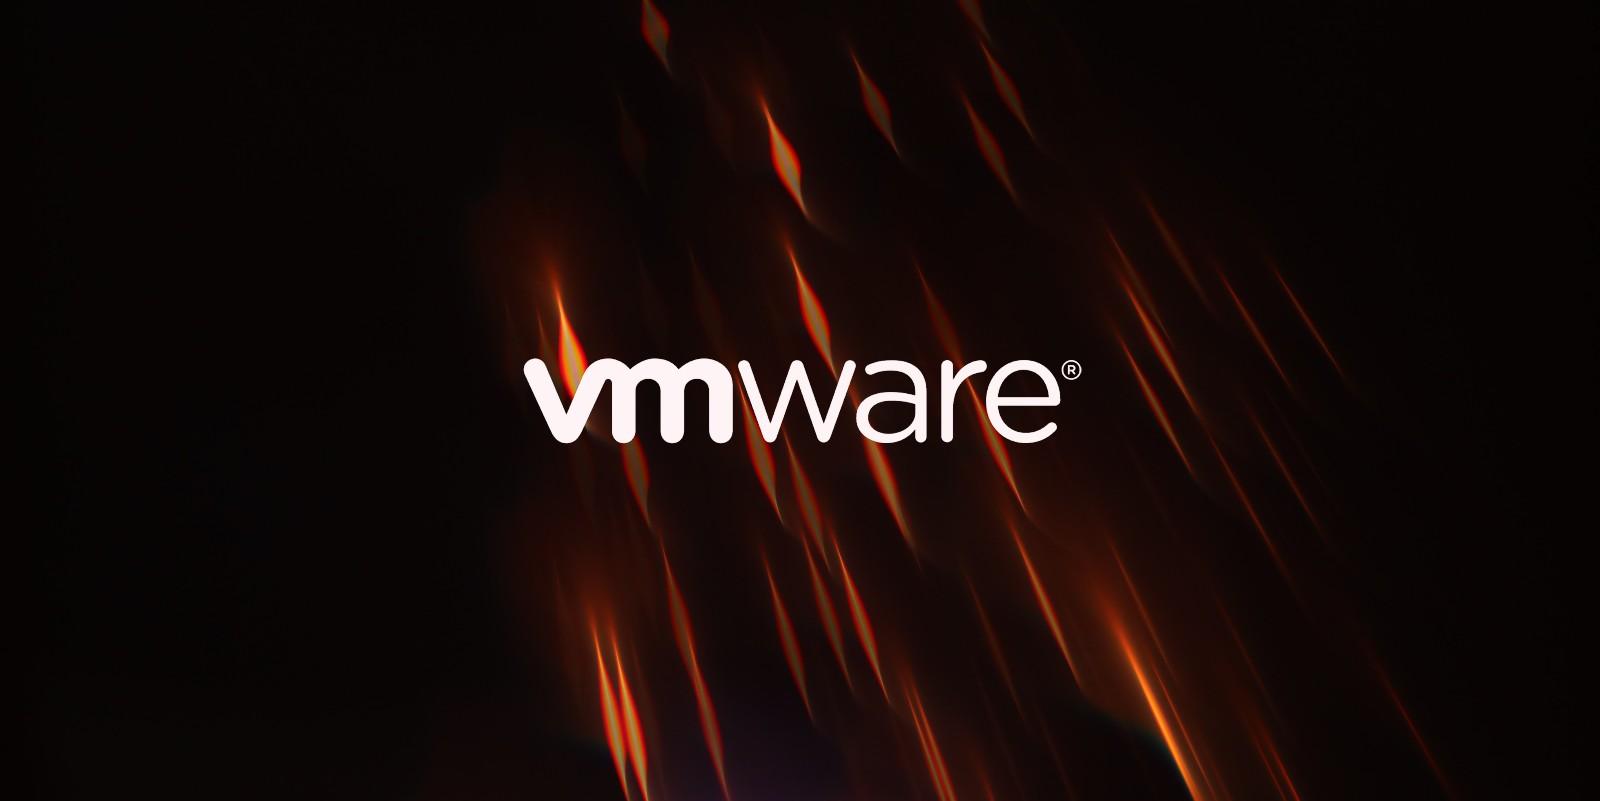 VMware sửa lỗi cho phép kẻ tấn công lấy cắp thông tin đăng nhập quản trị viên